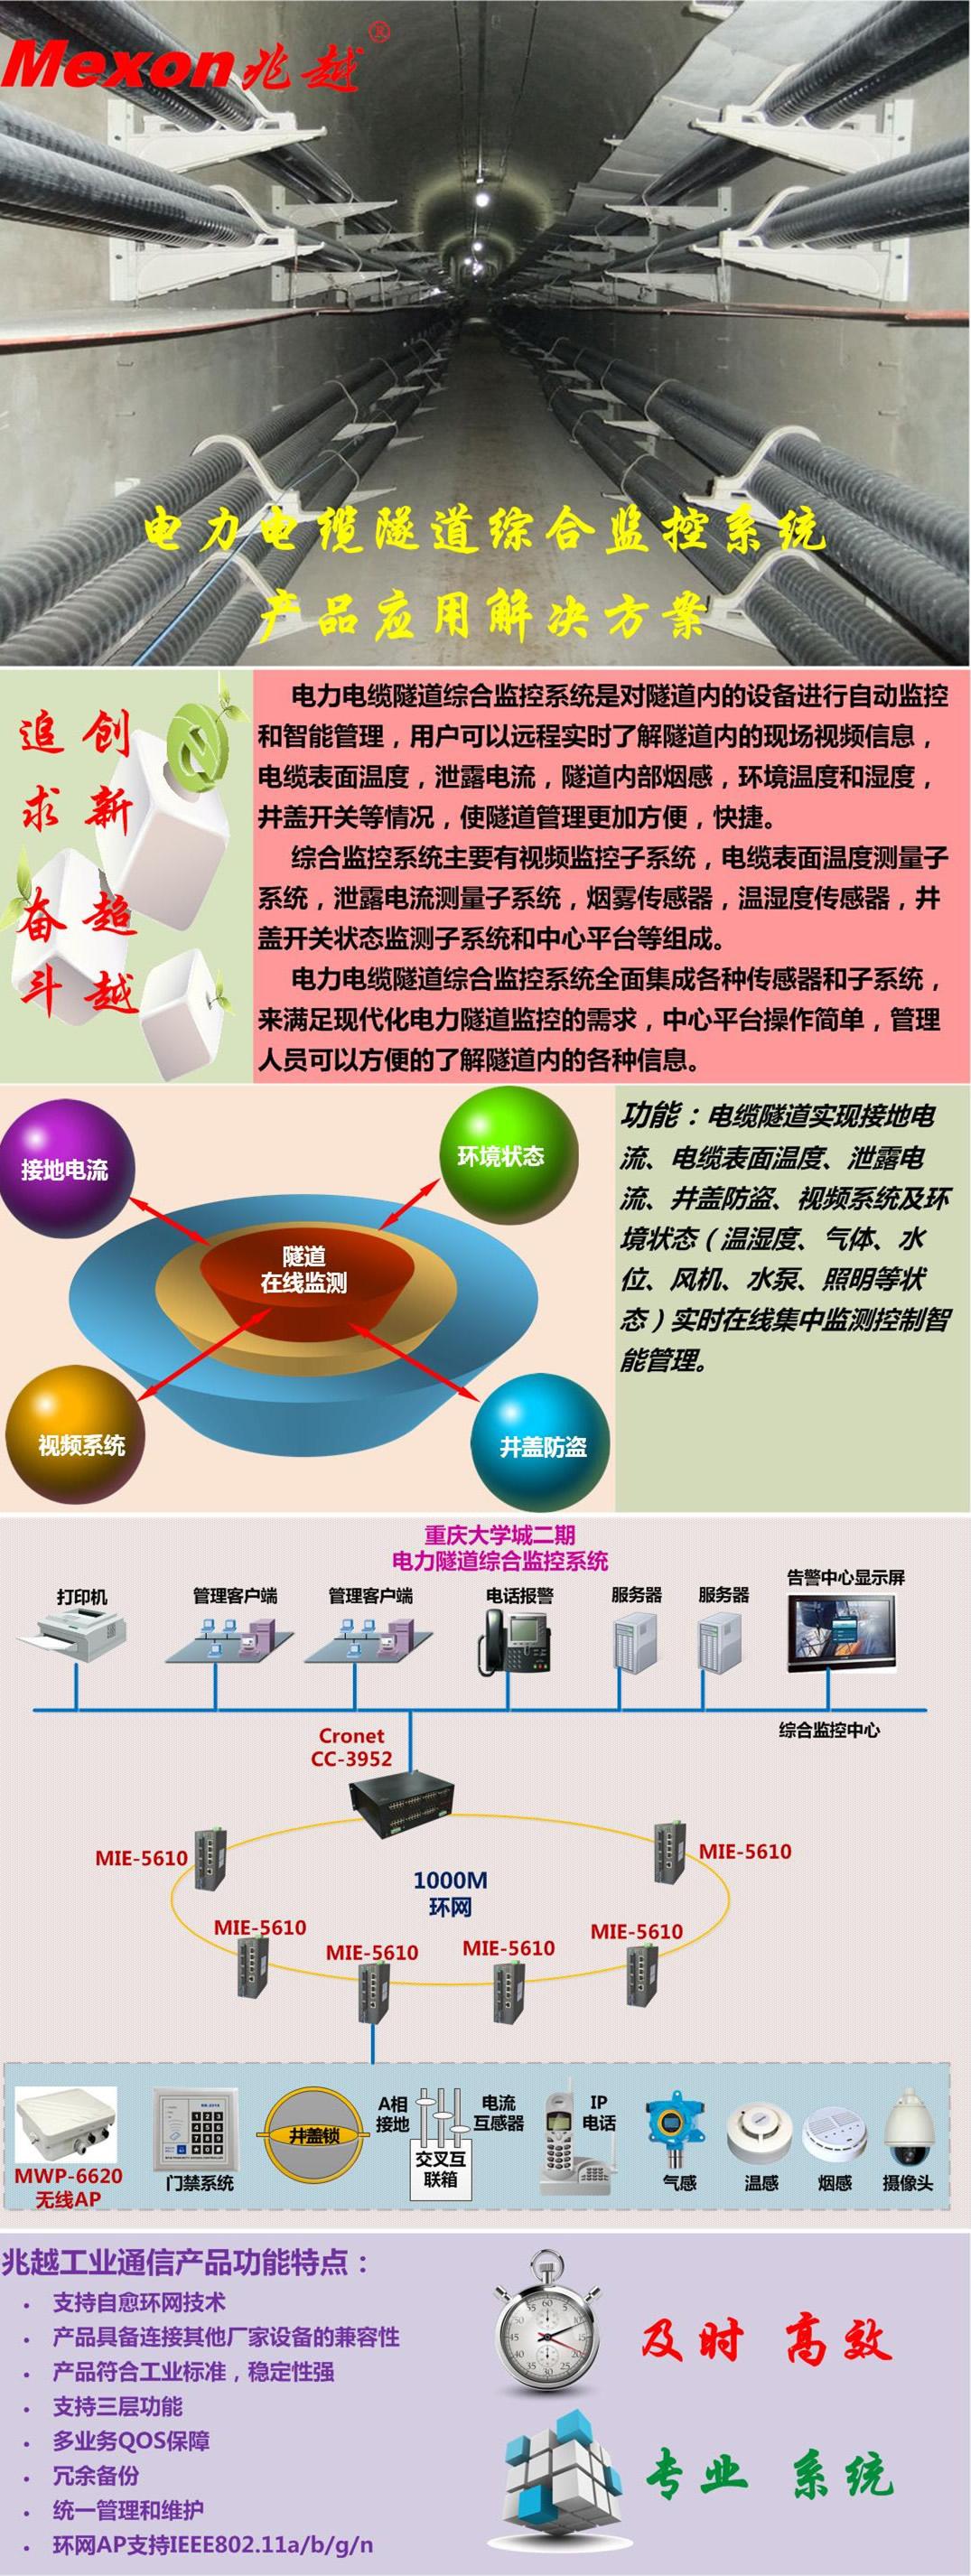 电力电缆隧道综合监控.jpg